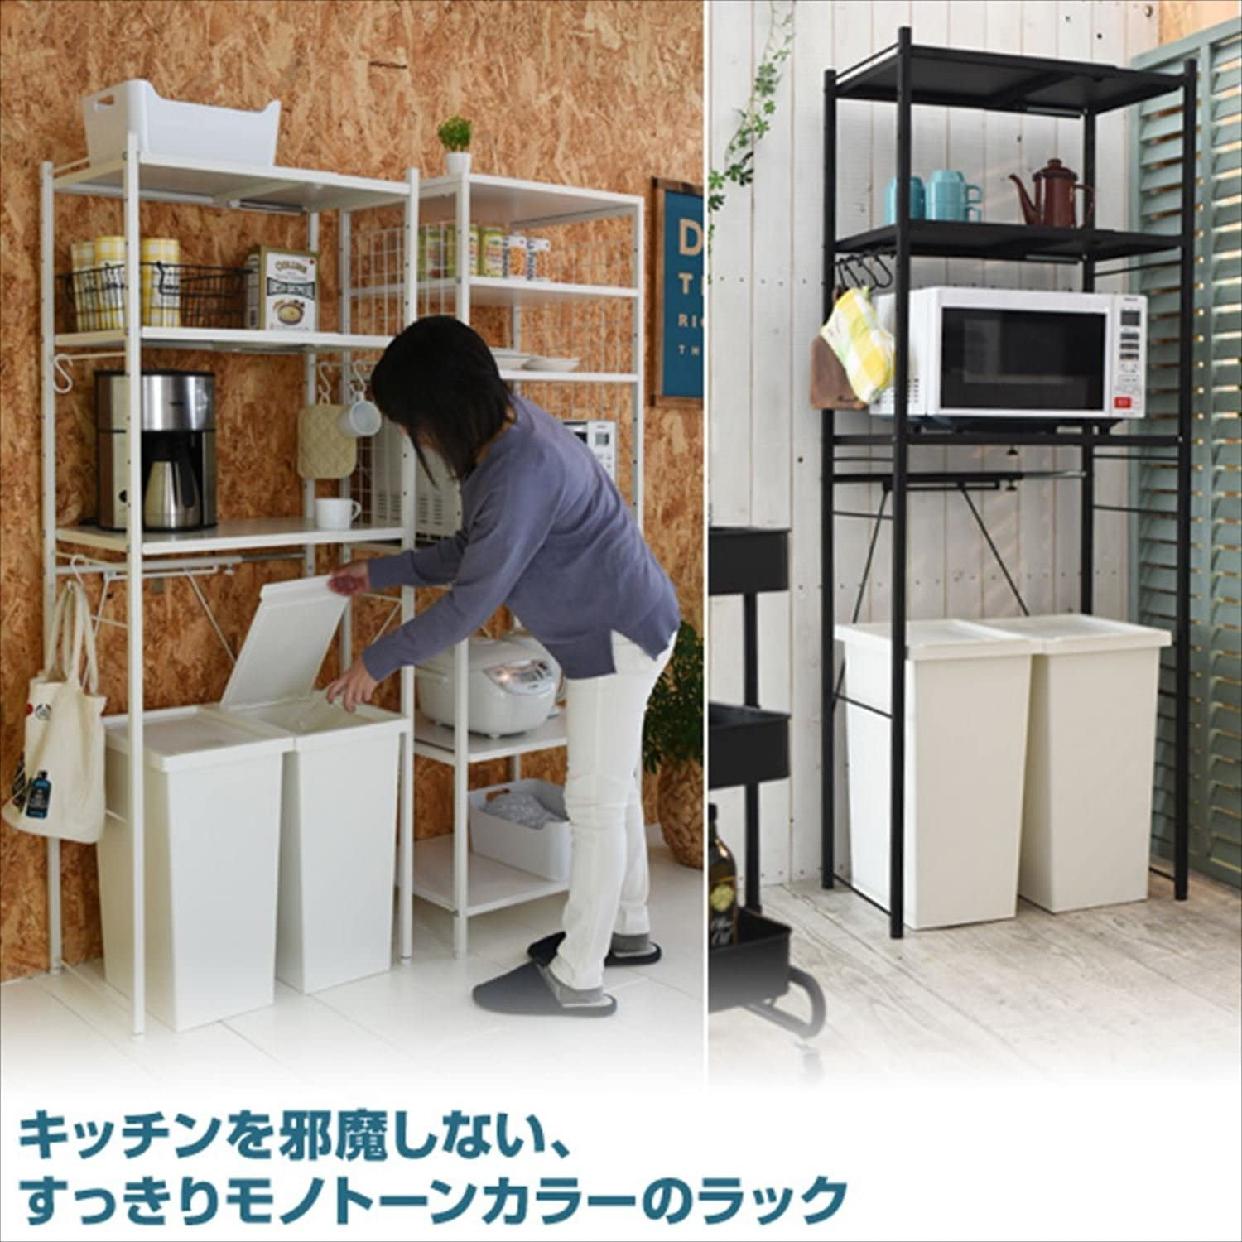 YAMAZEN(ヤマゼン)すっきりキッチンラック 伸縮タイプ/RPE-3 幅50-79.5cmの商品画像12